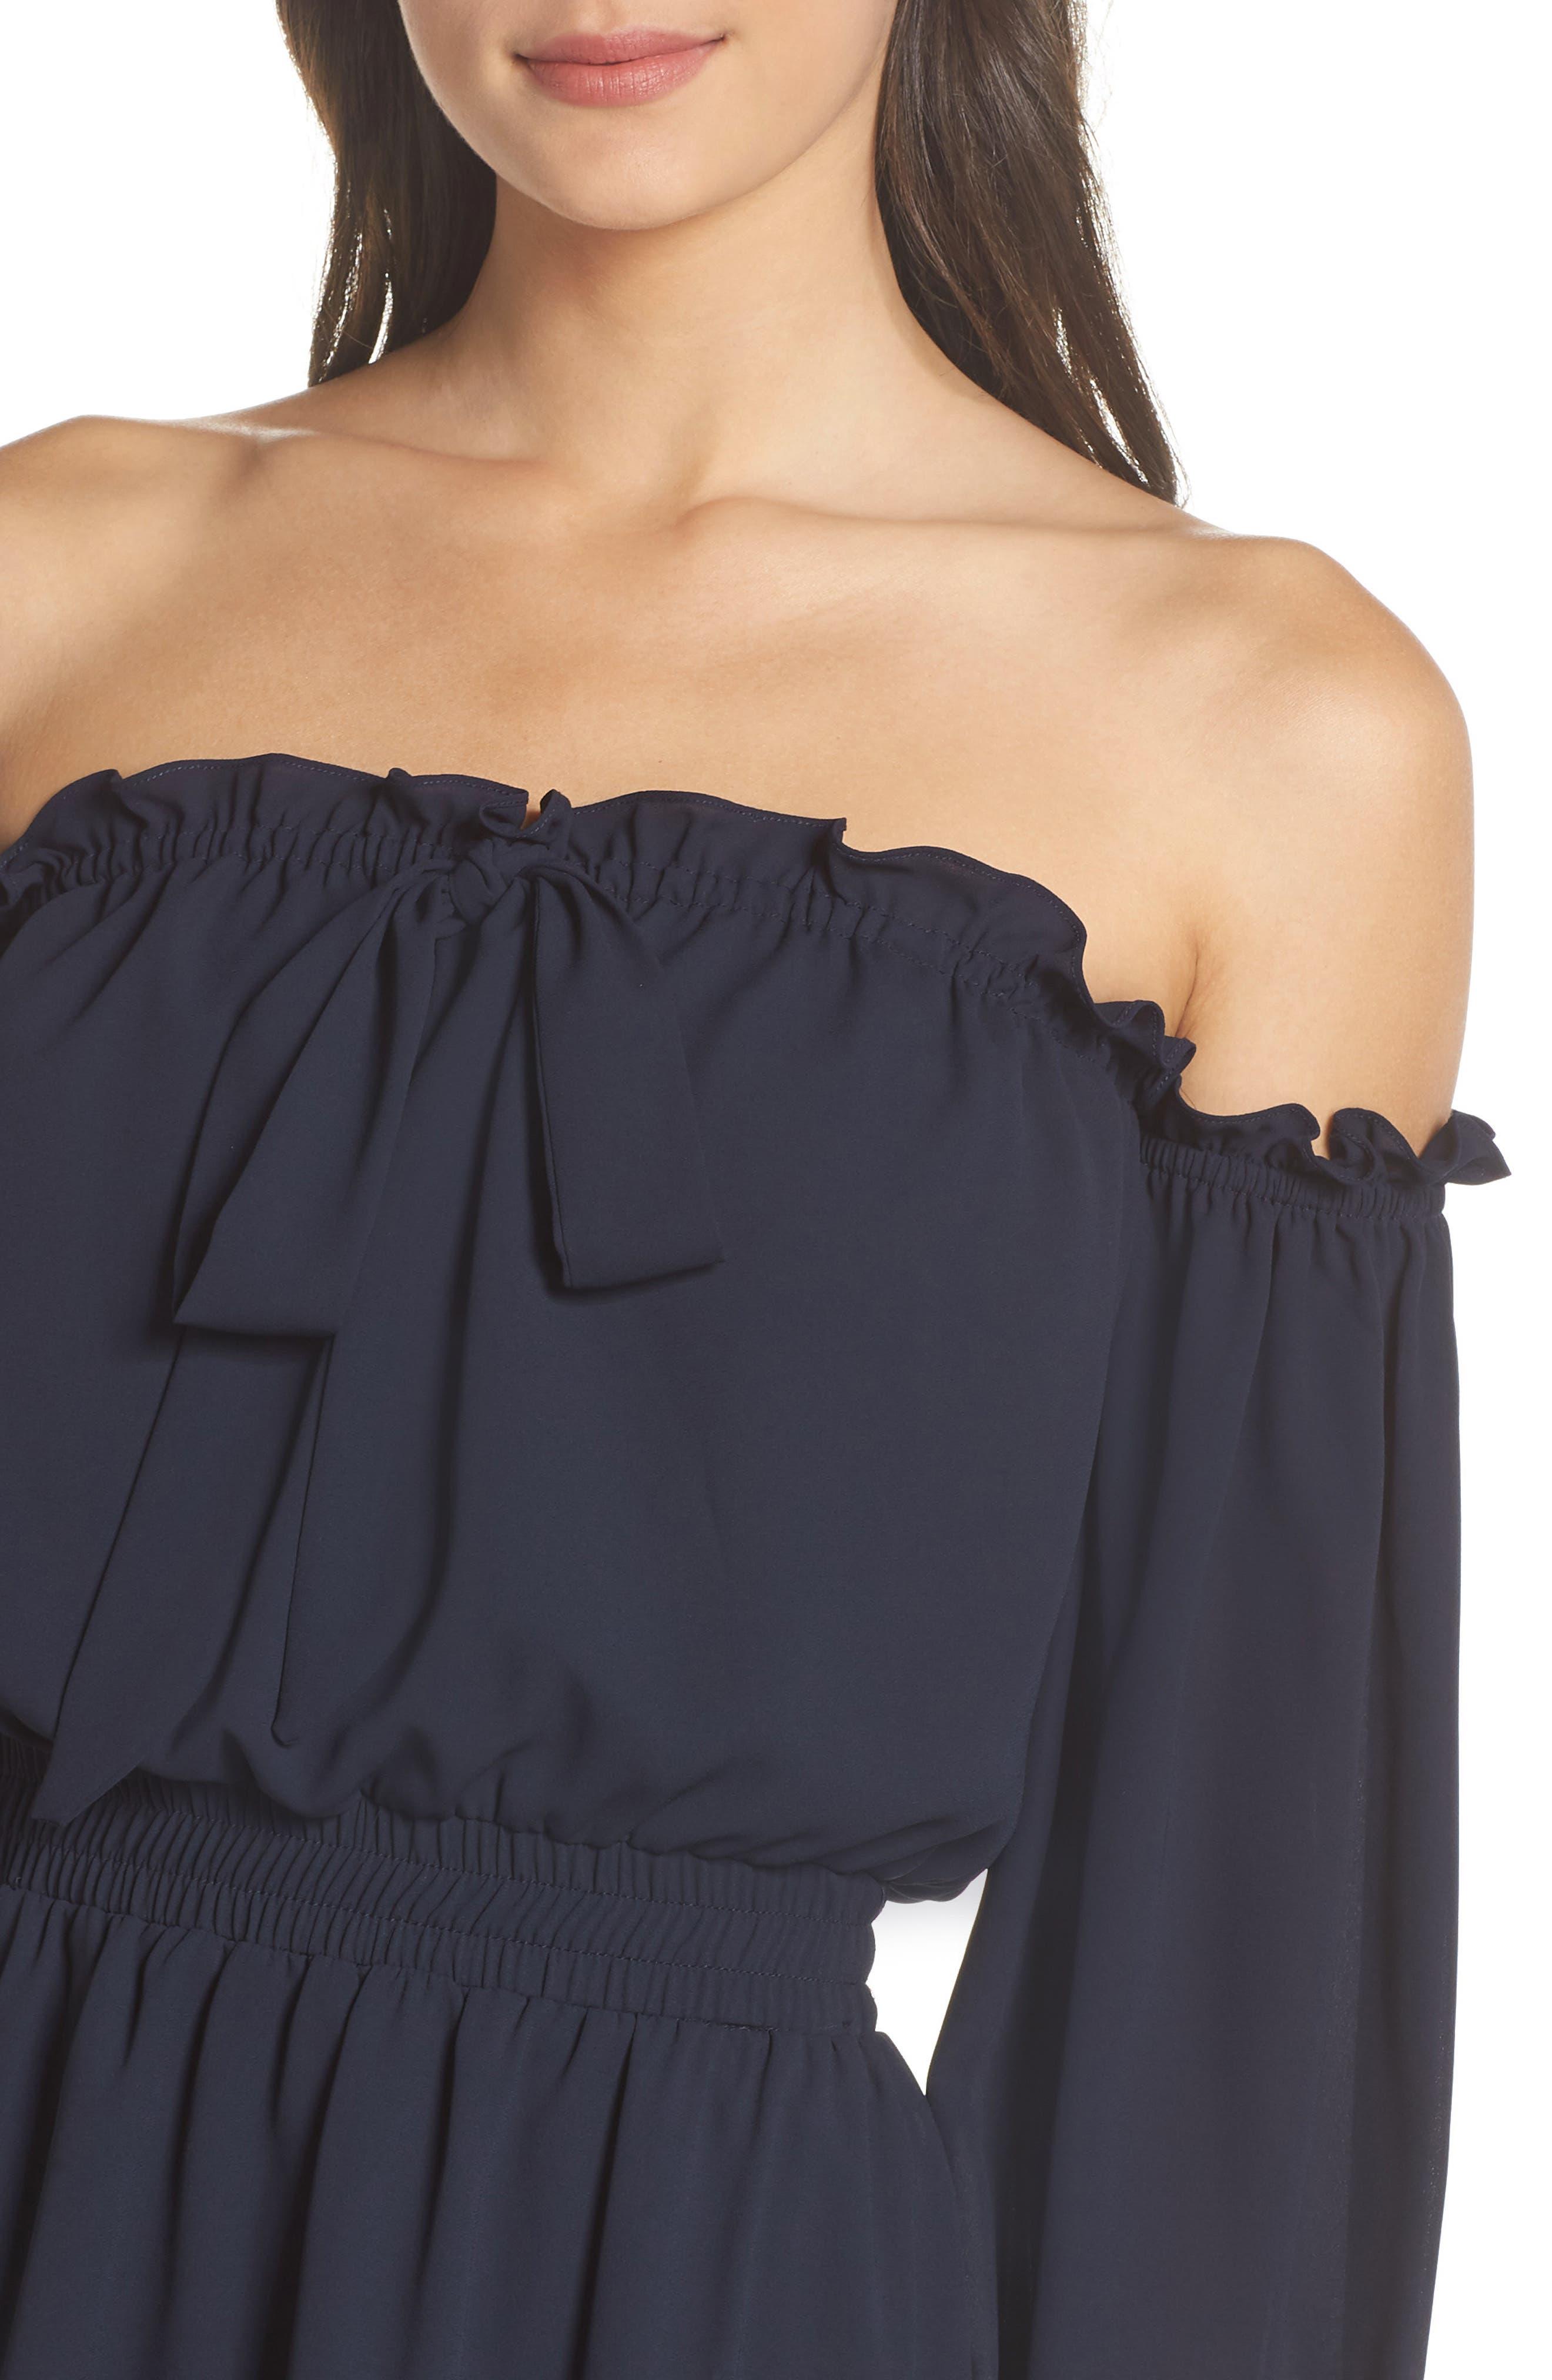 Off the Shoulder Halter Dress,                             Alternate thumbnail 4, color,                             402